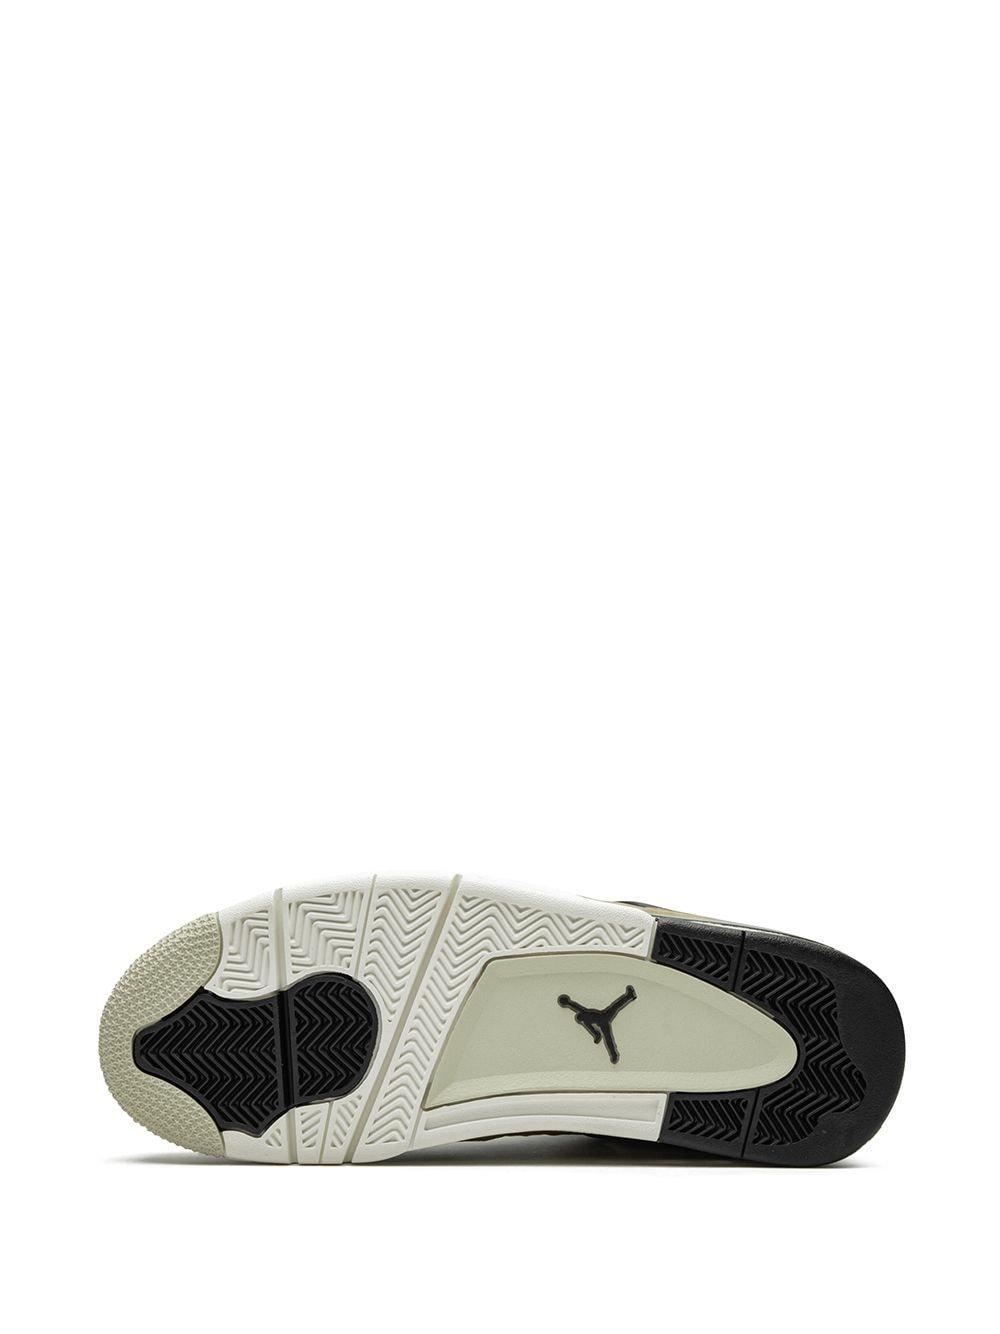 Zapatillas Wmns Air 4 Nike de Cuero de color Marrón